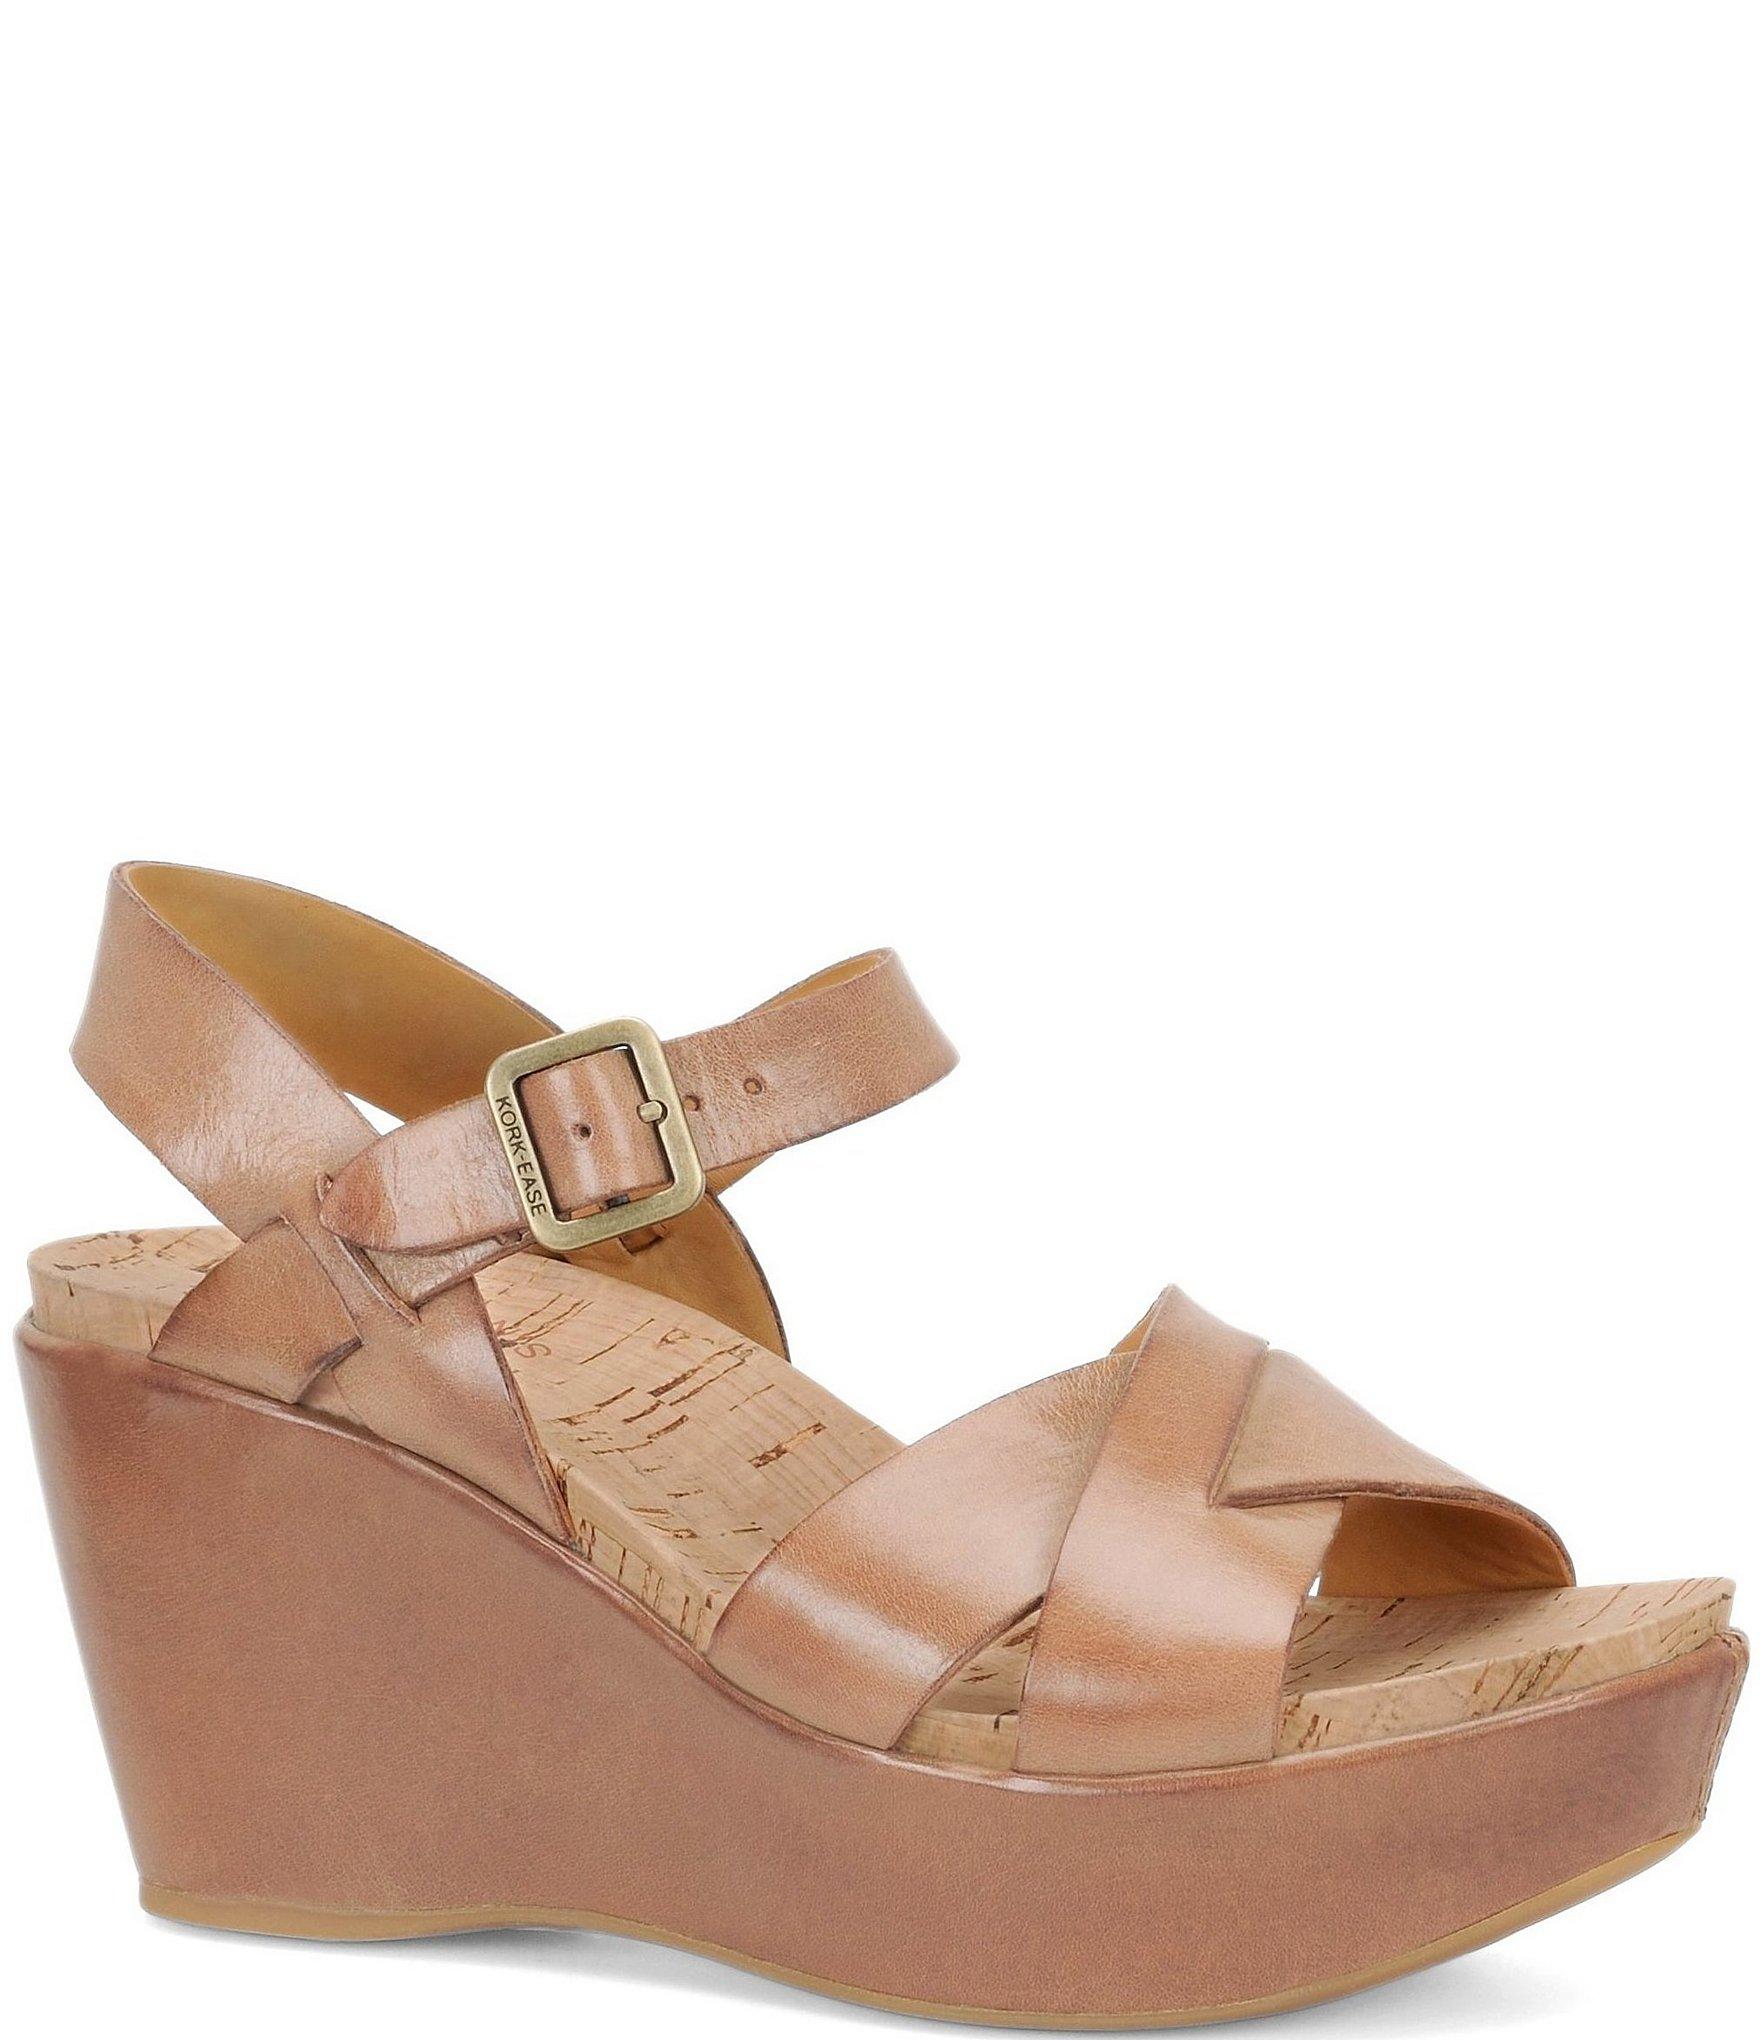 782e057ed803 Kork-Ease Tan Women s Shoes